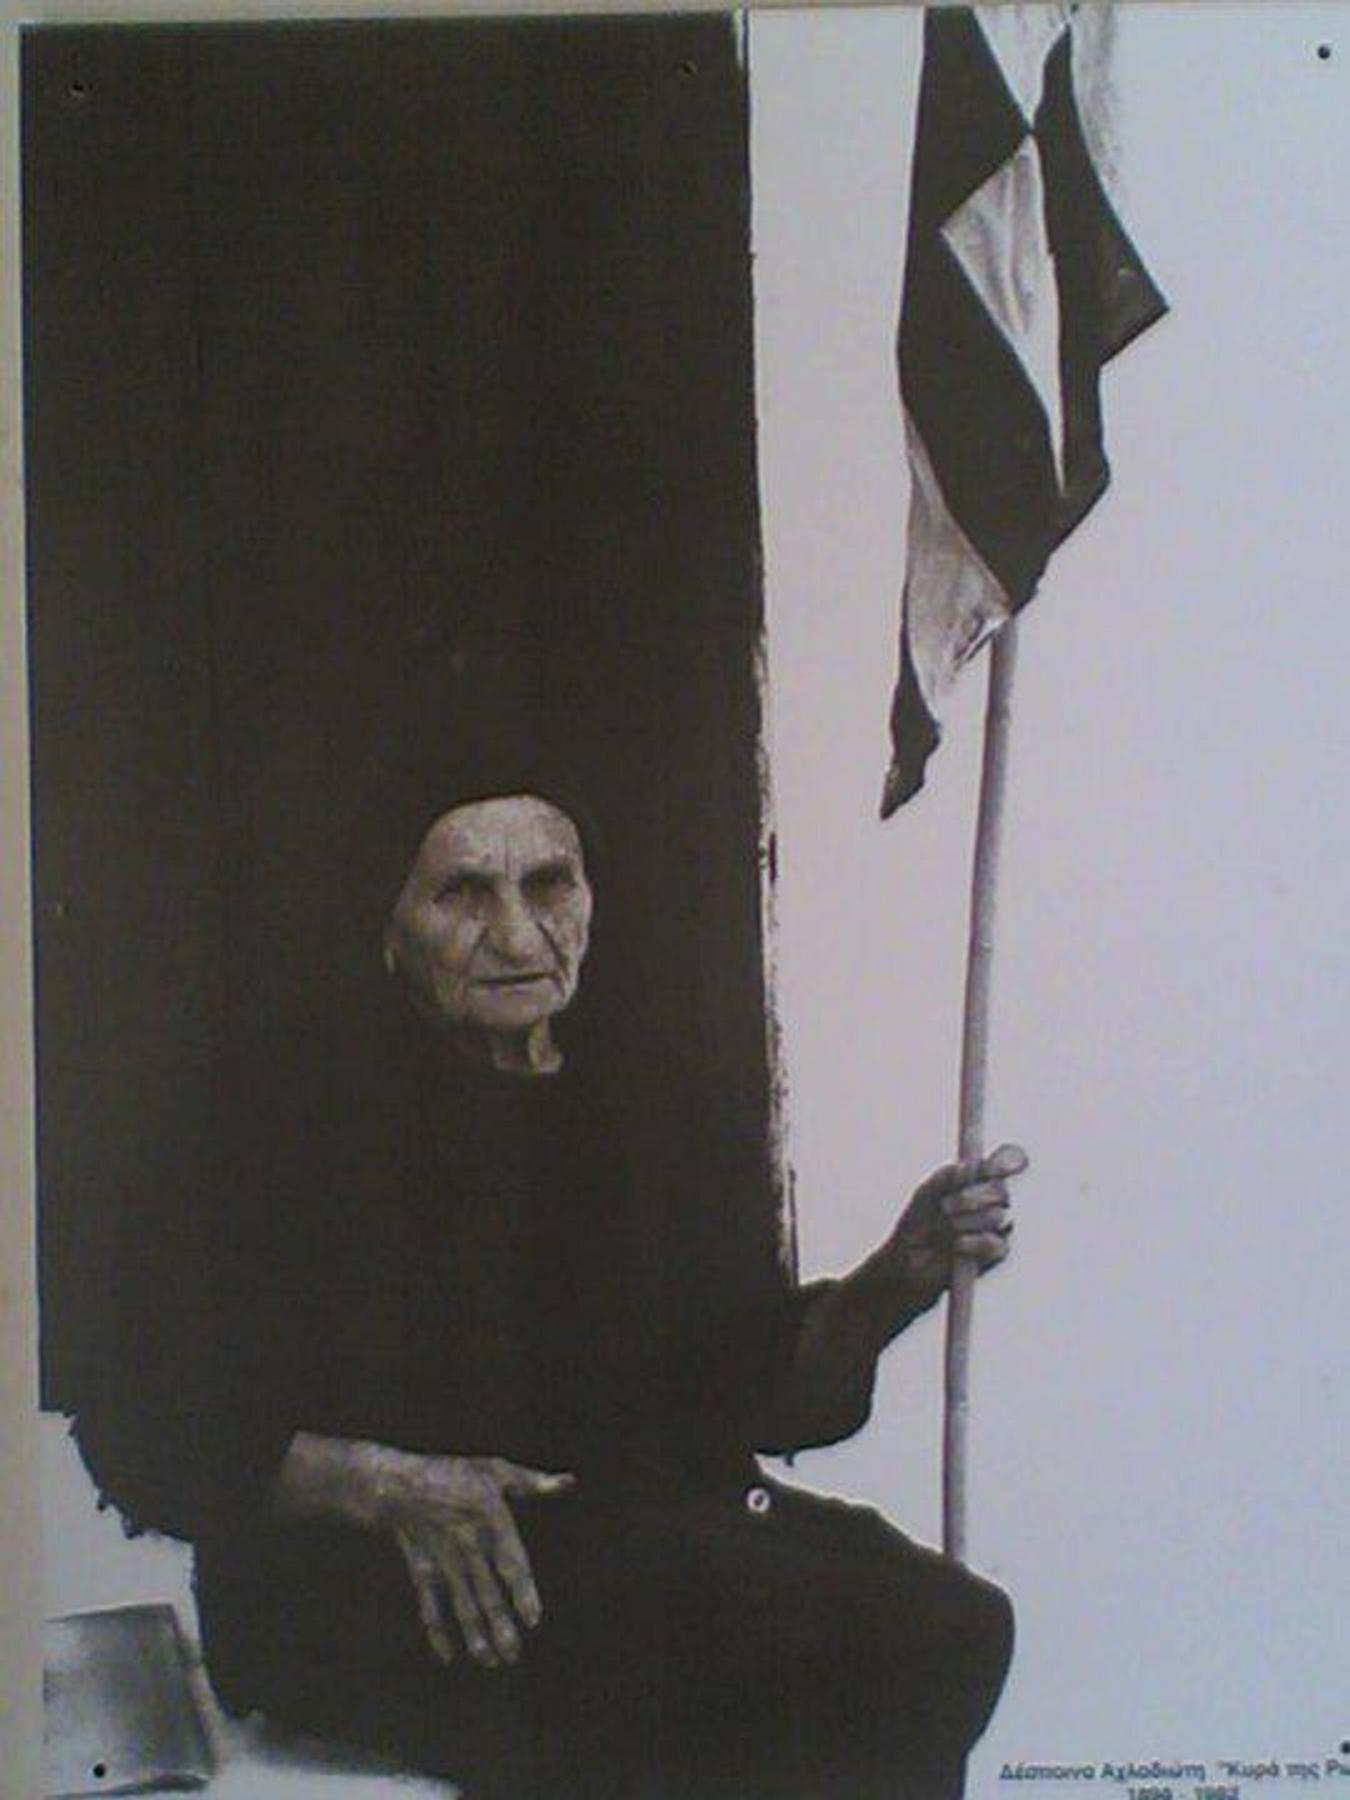 Τὴν Ἑλληνικὴ Σημαία θέλω νὰ μοῦ τὴ βάλουν μαζί μου στὸν τάφο..